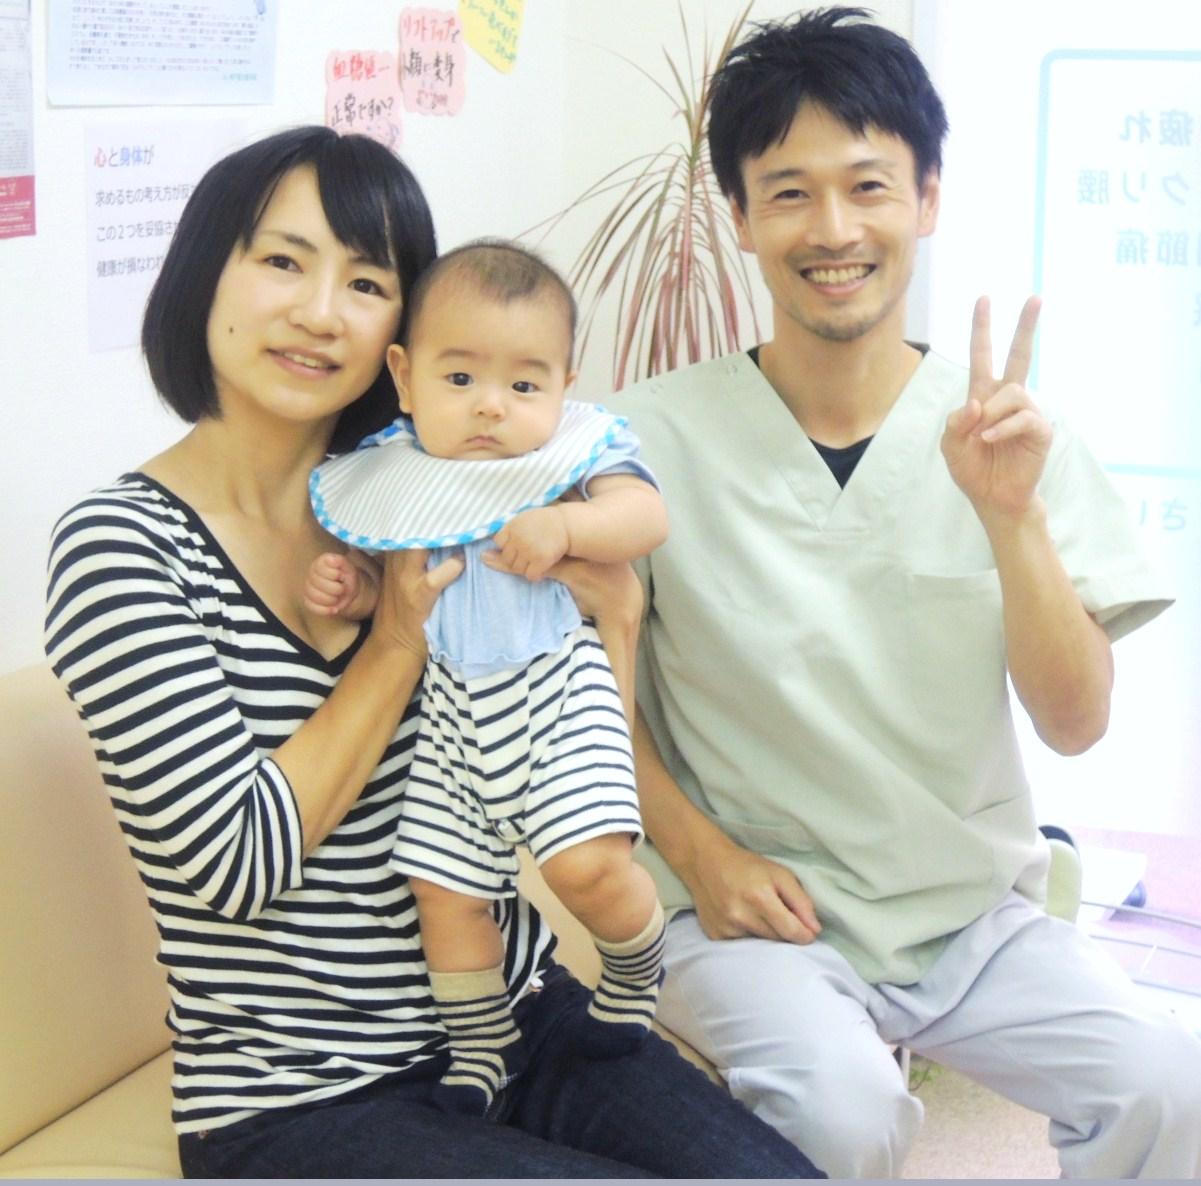 産後の骨盤矯正 神戸市垂水区 Oさま 神戸垂水整体院